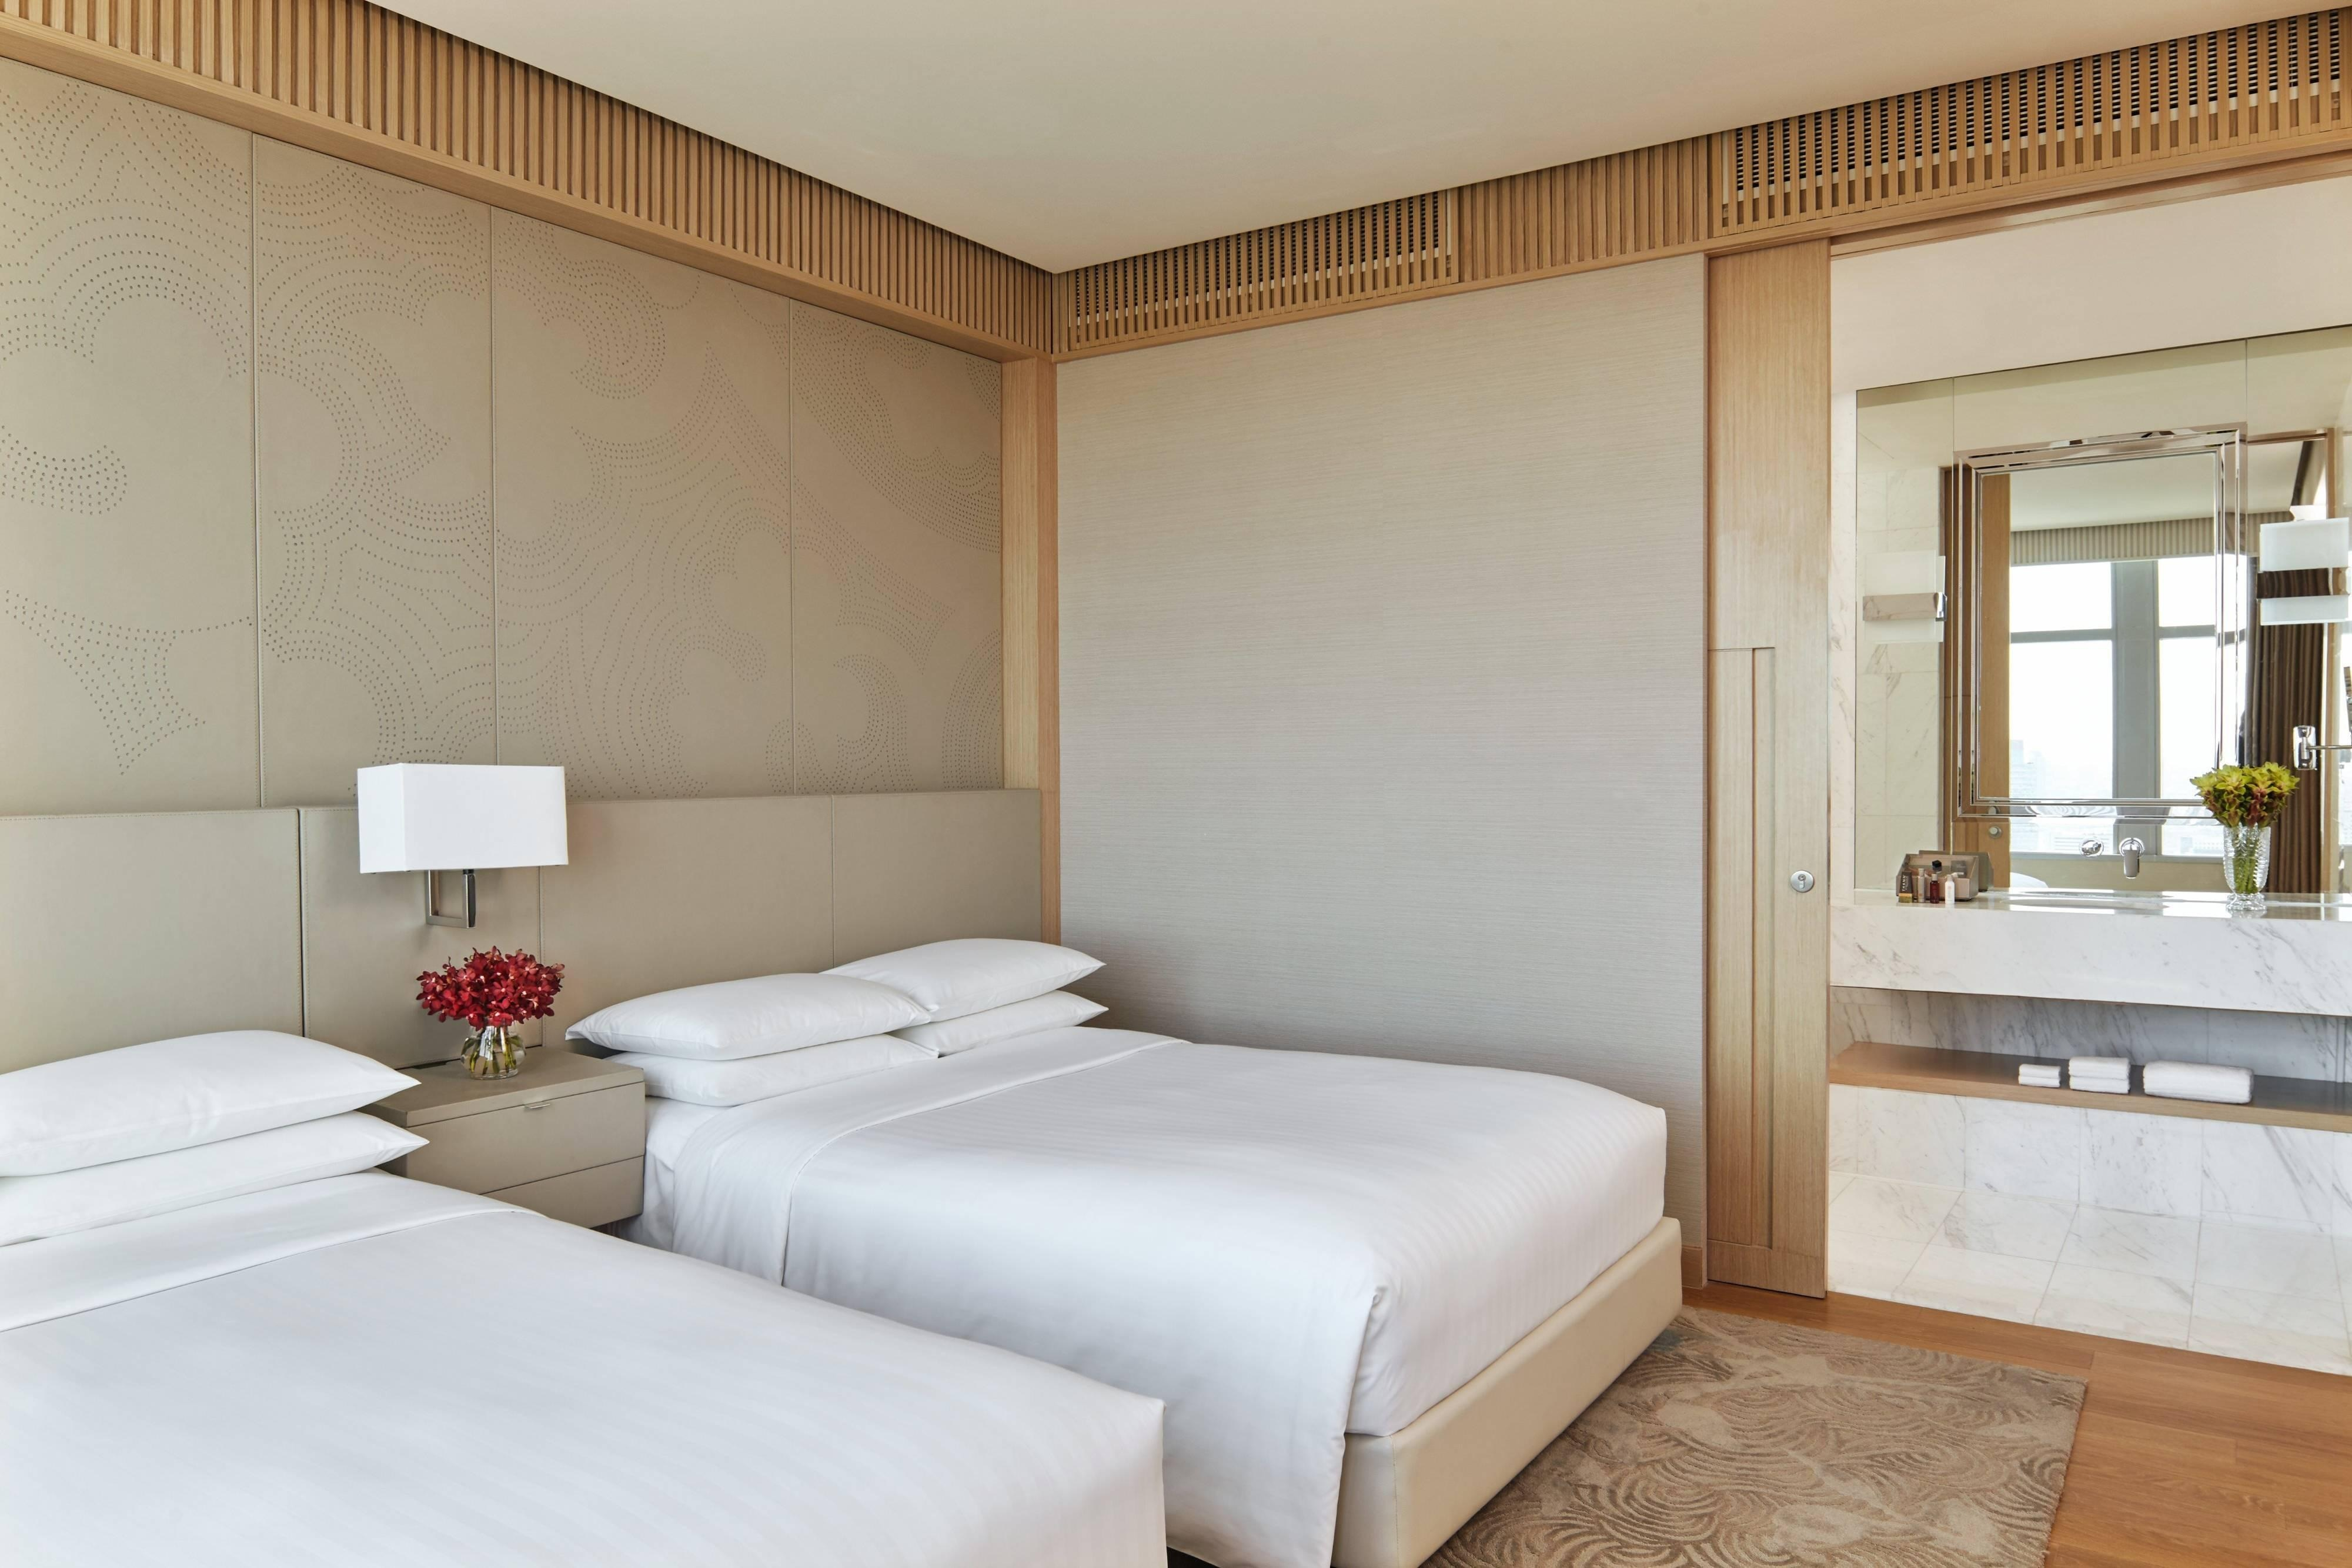 Suite con due camere da letto - Camera con due letti matrimoniali